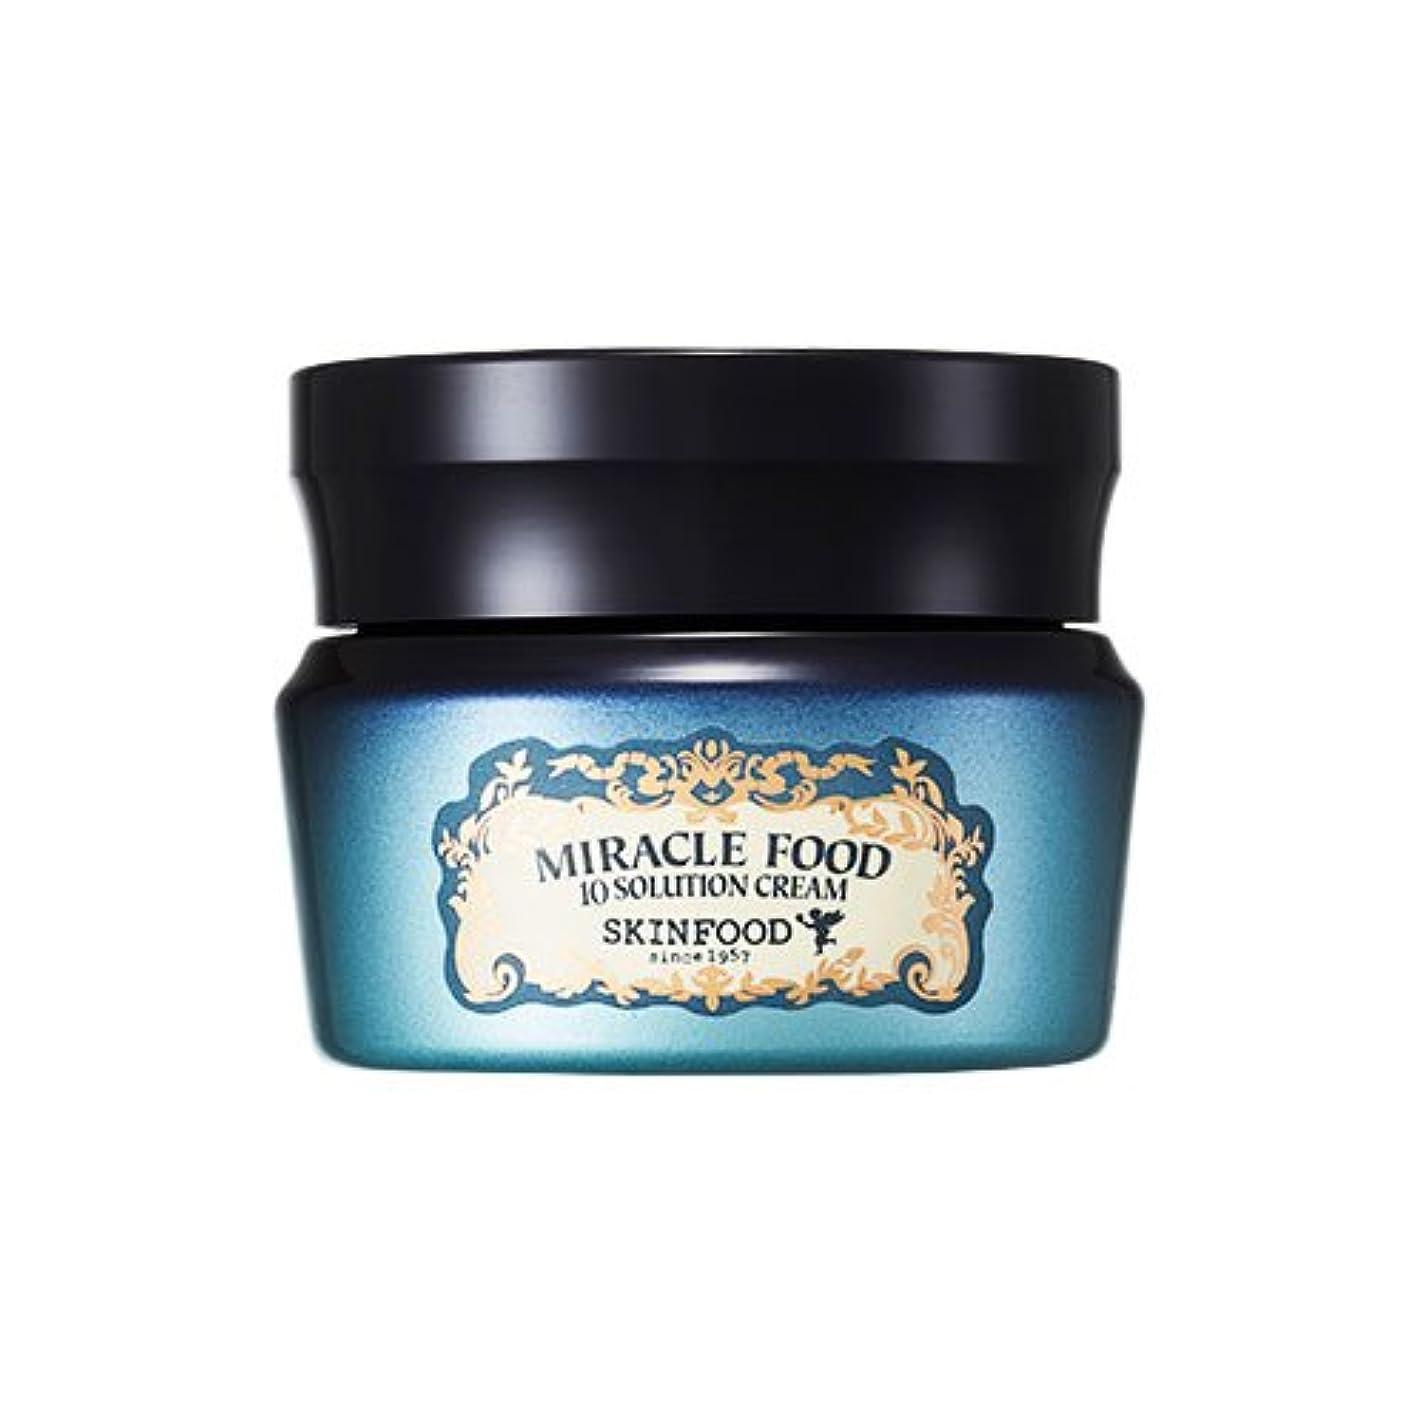 どこでもオーブン帝国Skinfood ミラクルフード10ソリューションクリーム(美白効果としわ防止効果) / Miracle Food 10 Solution Cream (Skin-Brightening and Anti-Wrinkle...